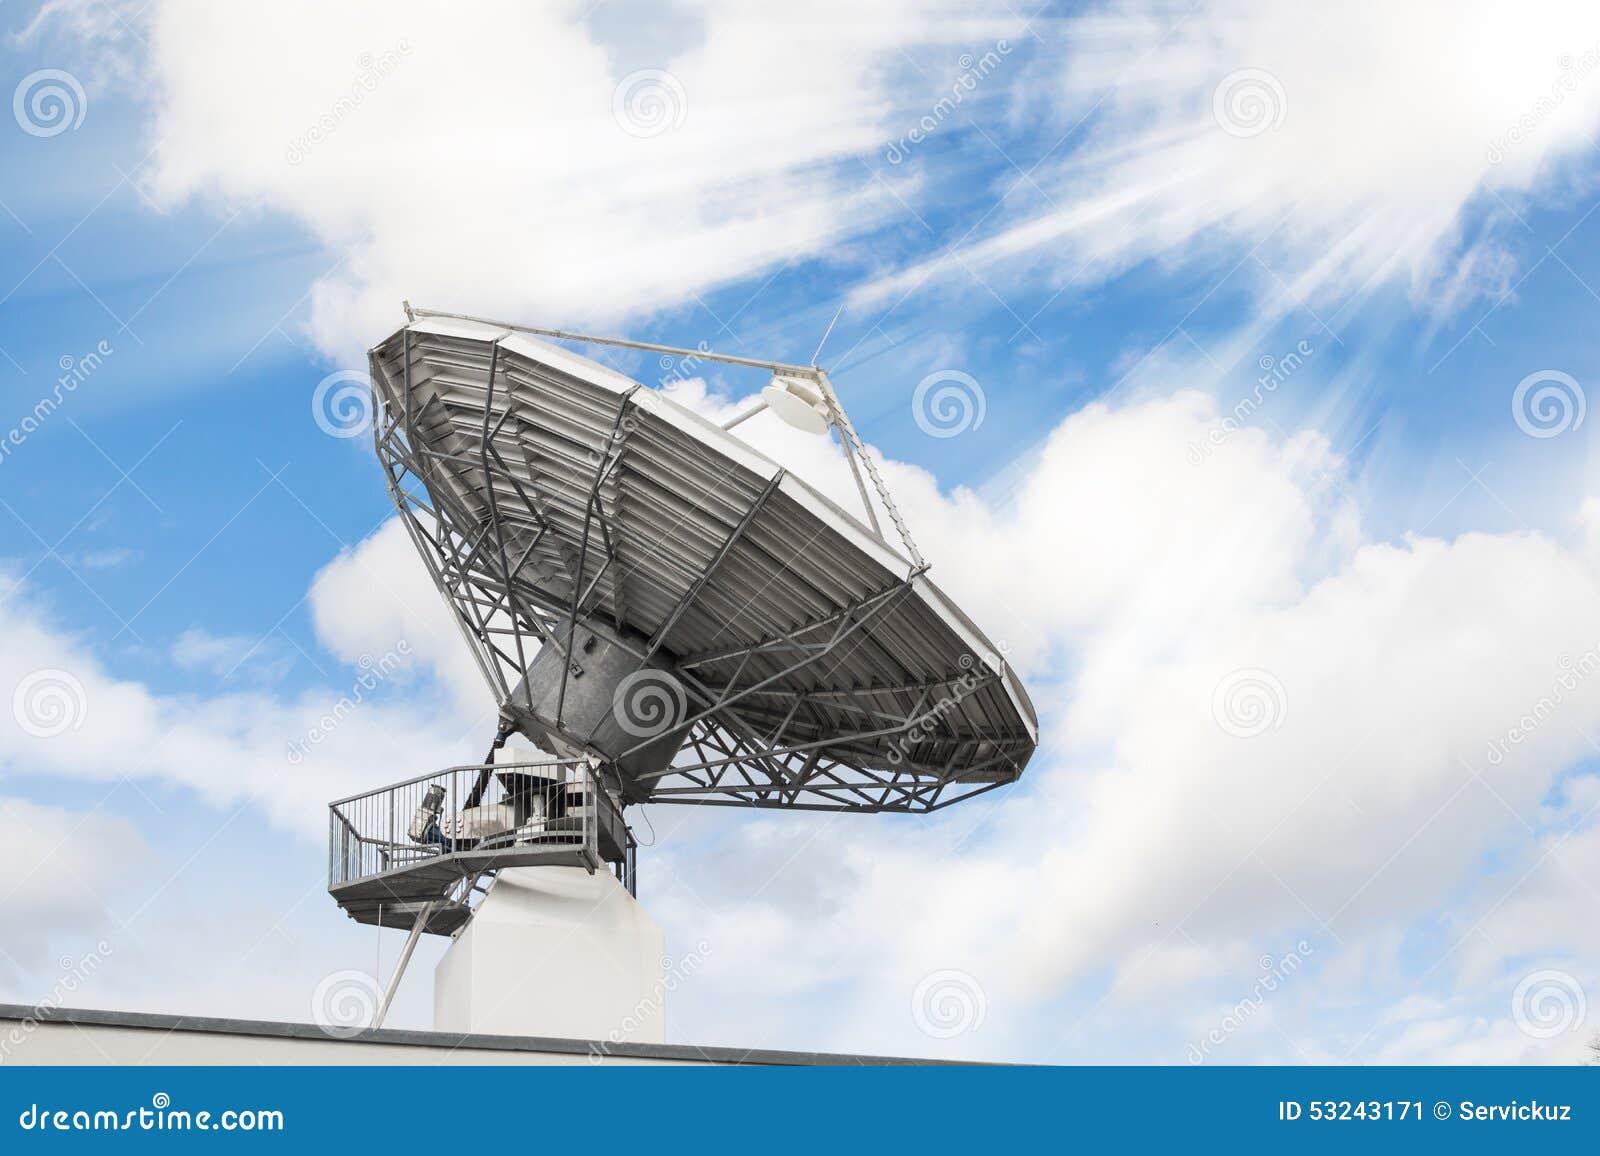 Antena de rádio parabólica do radar das telecomunicações